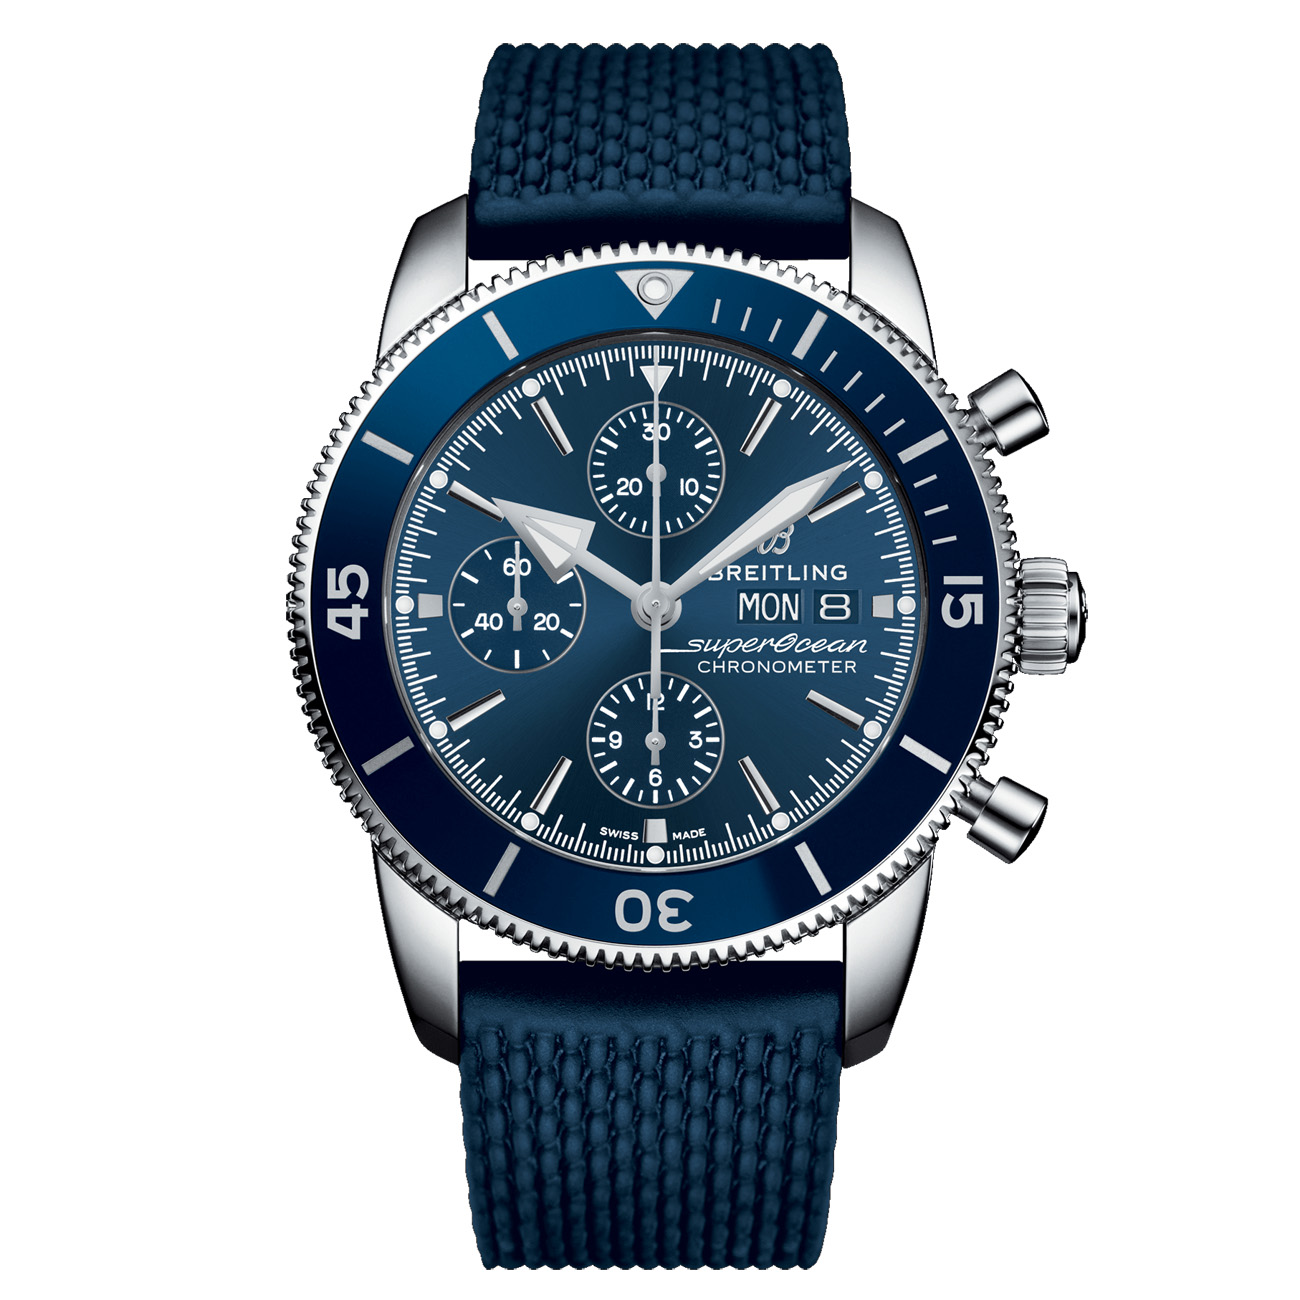 4a573b851e69 Reloj Breitling SUPEROCEAN HÉRITAGE II CHRONOGRAPH 44 Azul Aero Classic